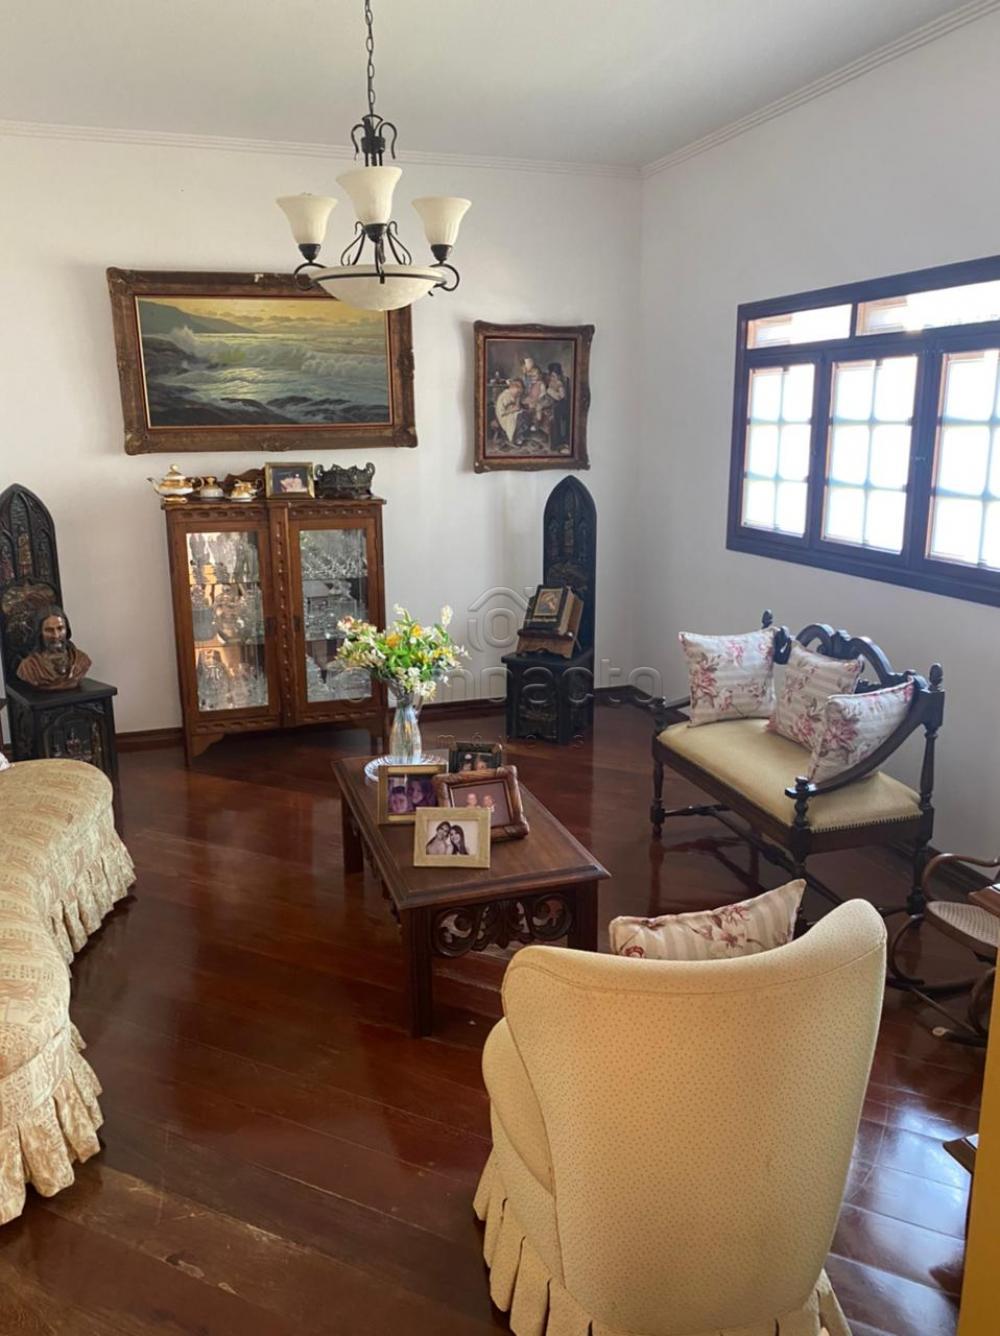 Comprar Casa / Padrão em São José do Rio Preto apenas R$ 1.200.000,00 - Foto 5